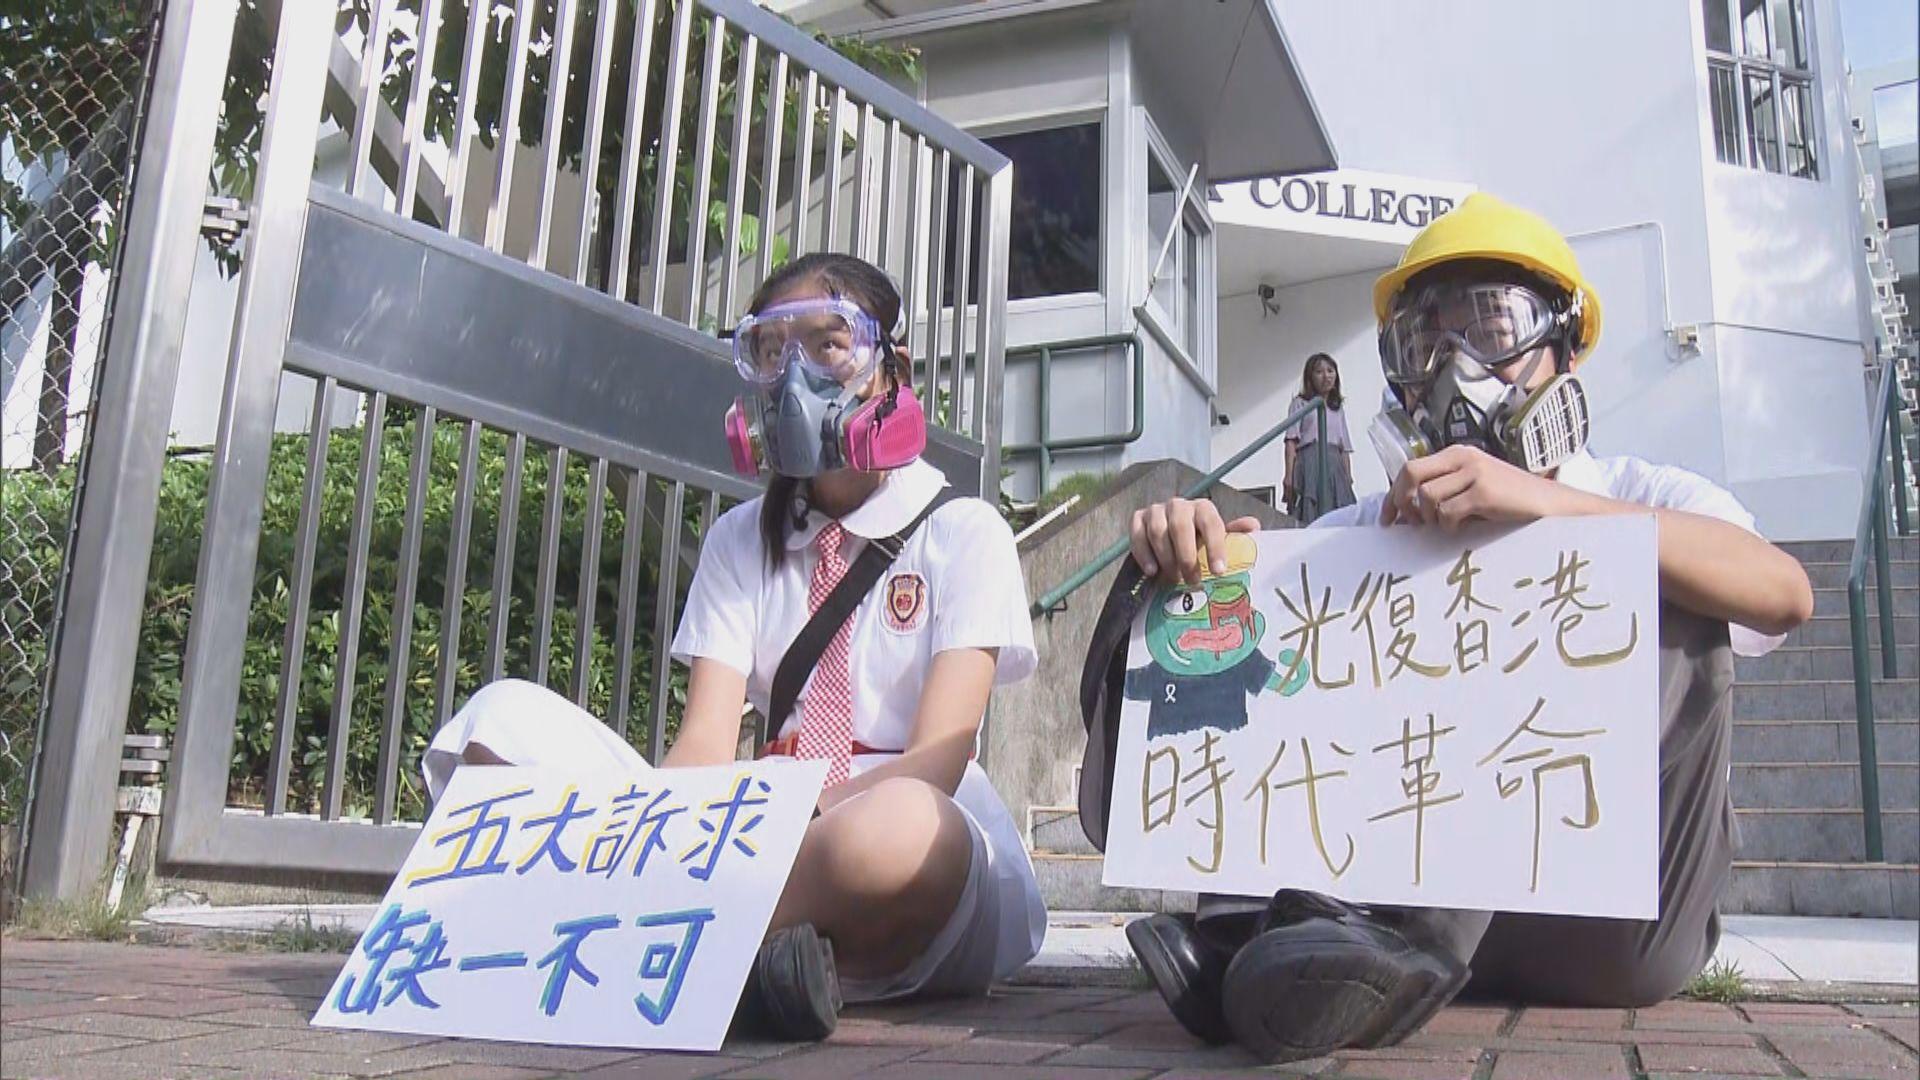 中學生在校門外抗議支持罷課